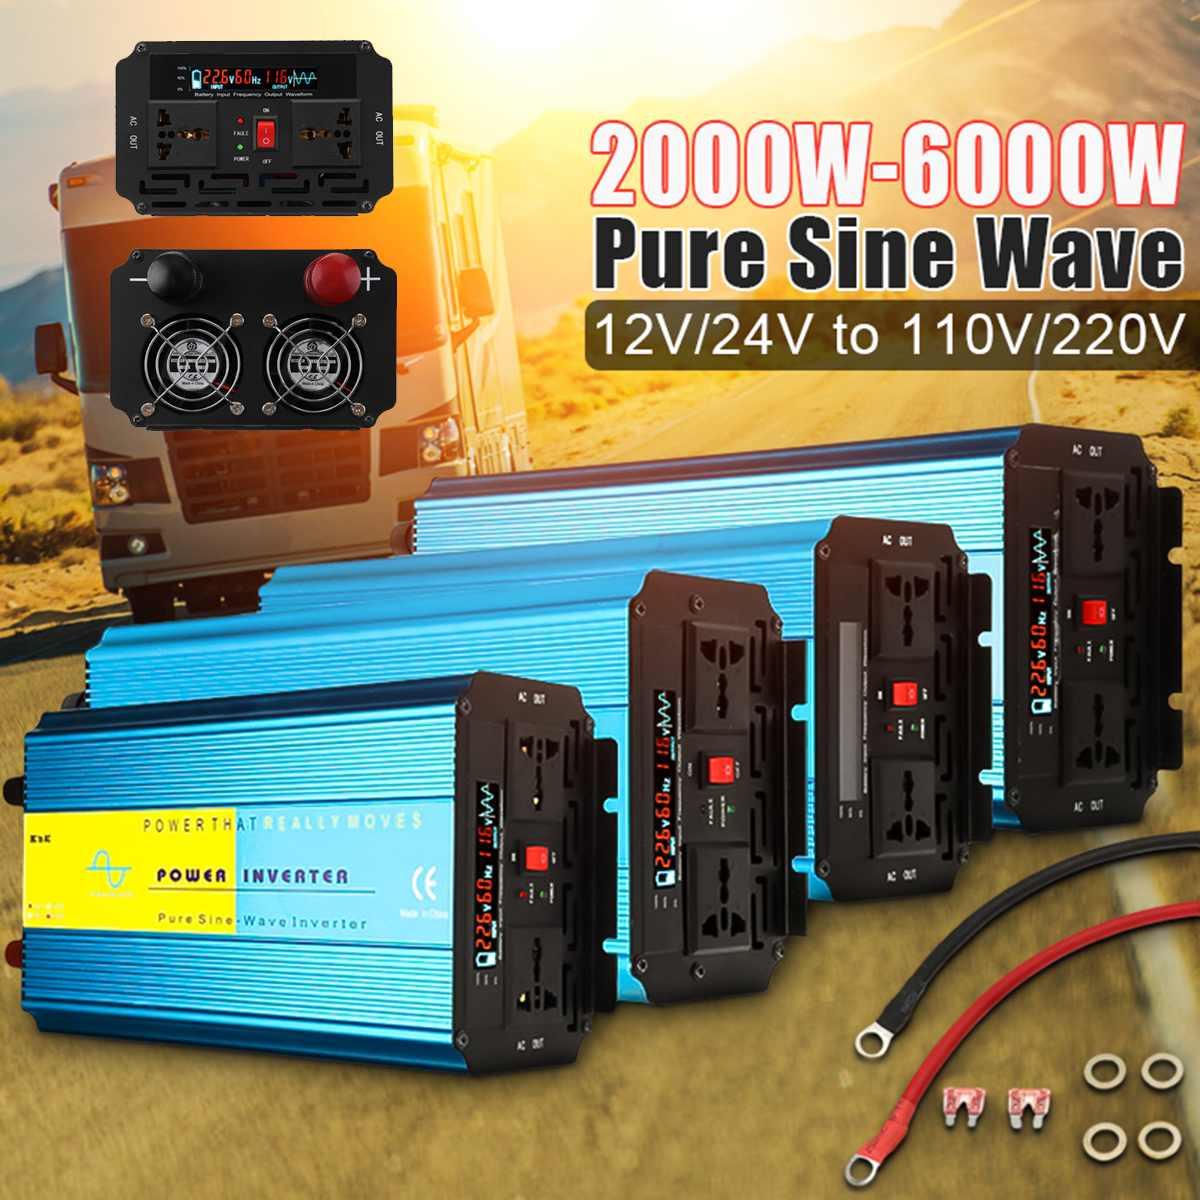 Puro Inverter A Onda Sinusoidale 12 V 220 V 6000 W 5000 W 4000 W 3000 W 2000 W di Picco di Tensione trasformatore Convertitore 12 V 110 V 60Hz Inverter Solare